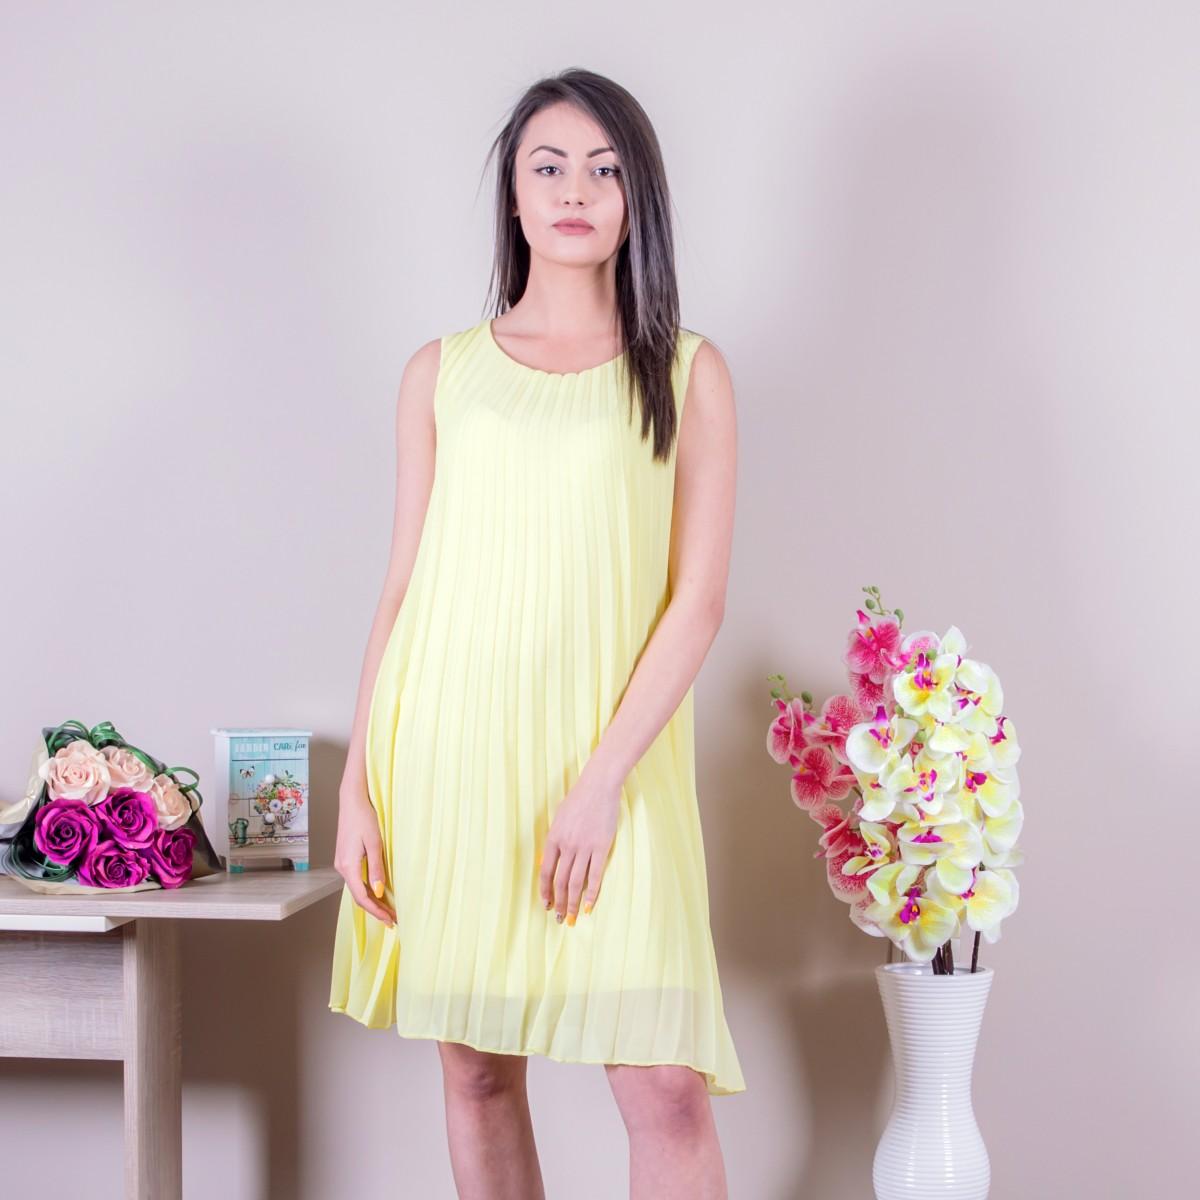 Дамска шифонена рокля в жълто Снимка 2 от 2